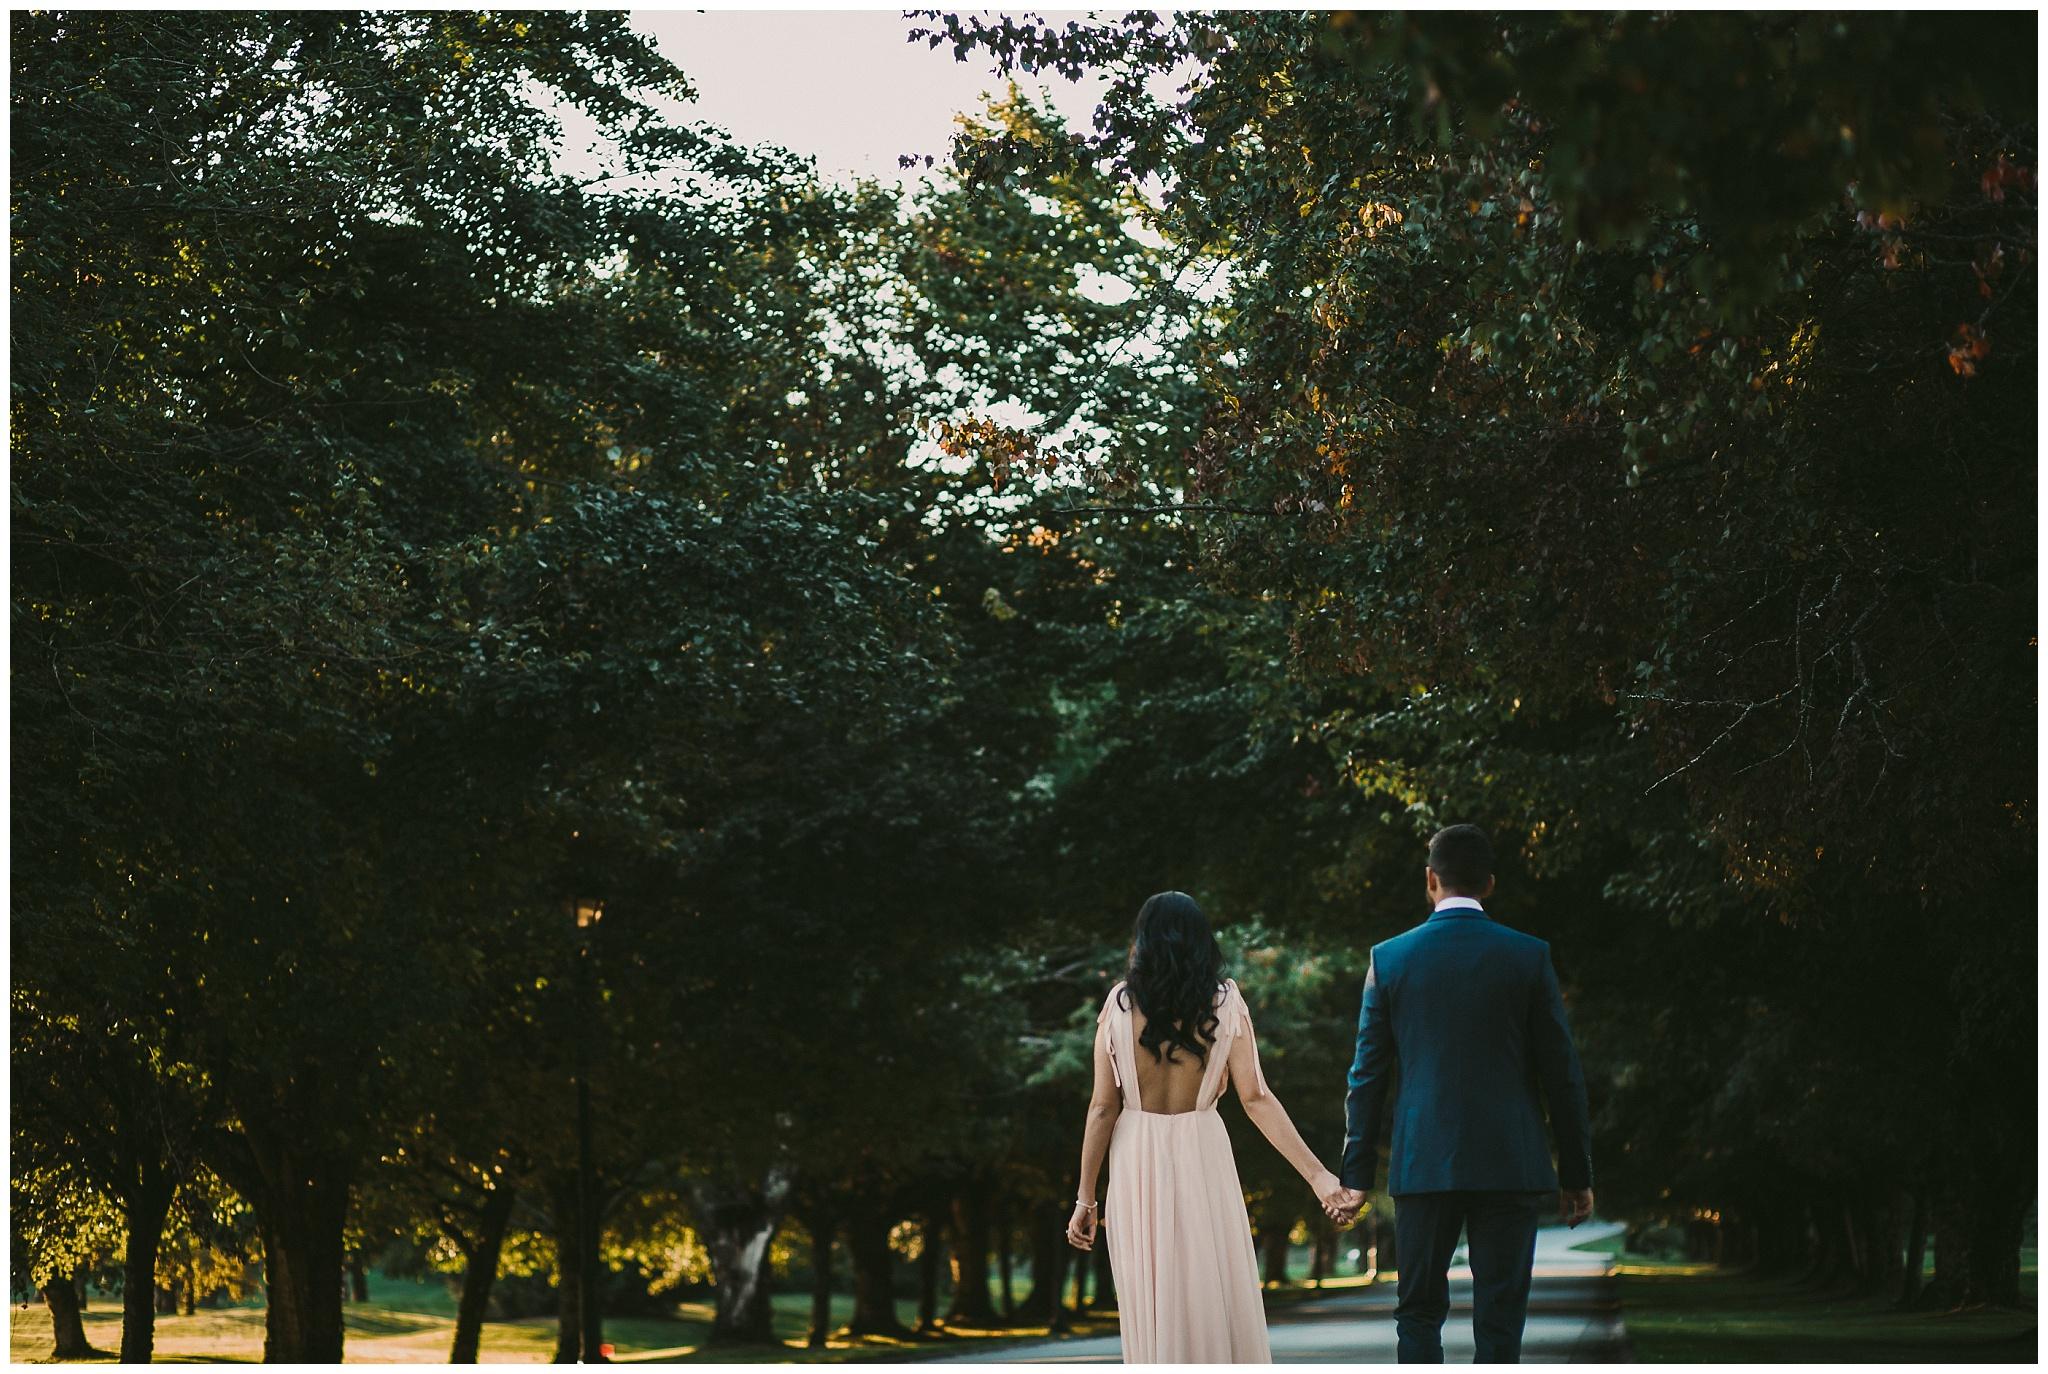 Pitt-Meadows-Engagement-Photographer-4.jpg